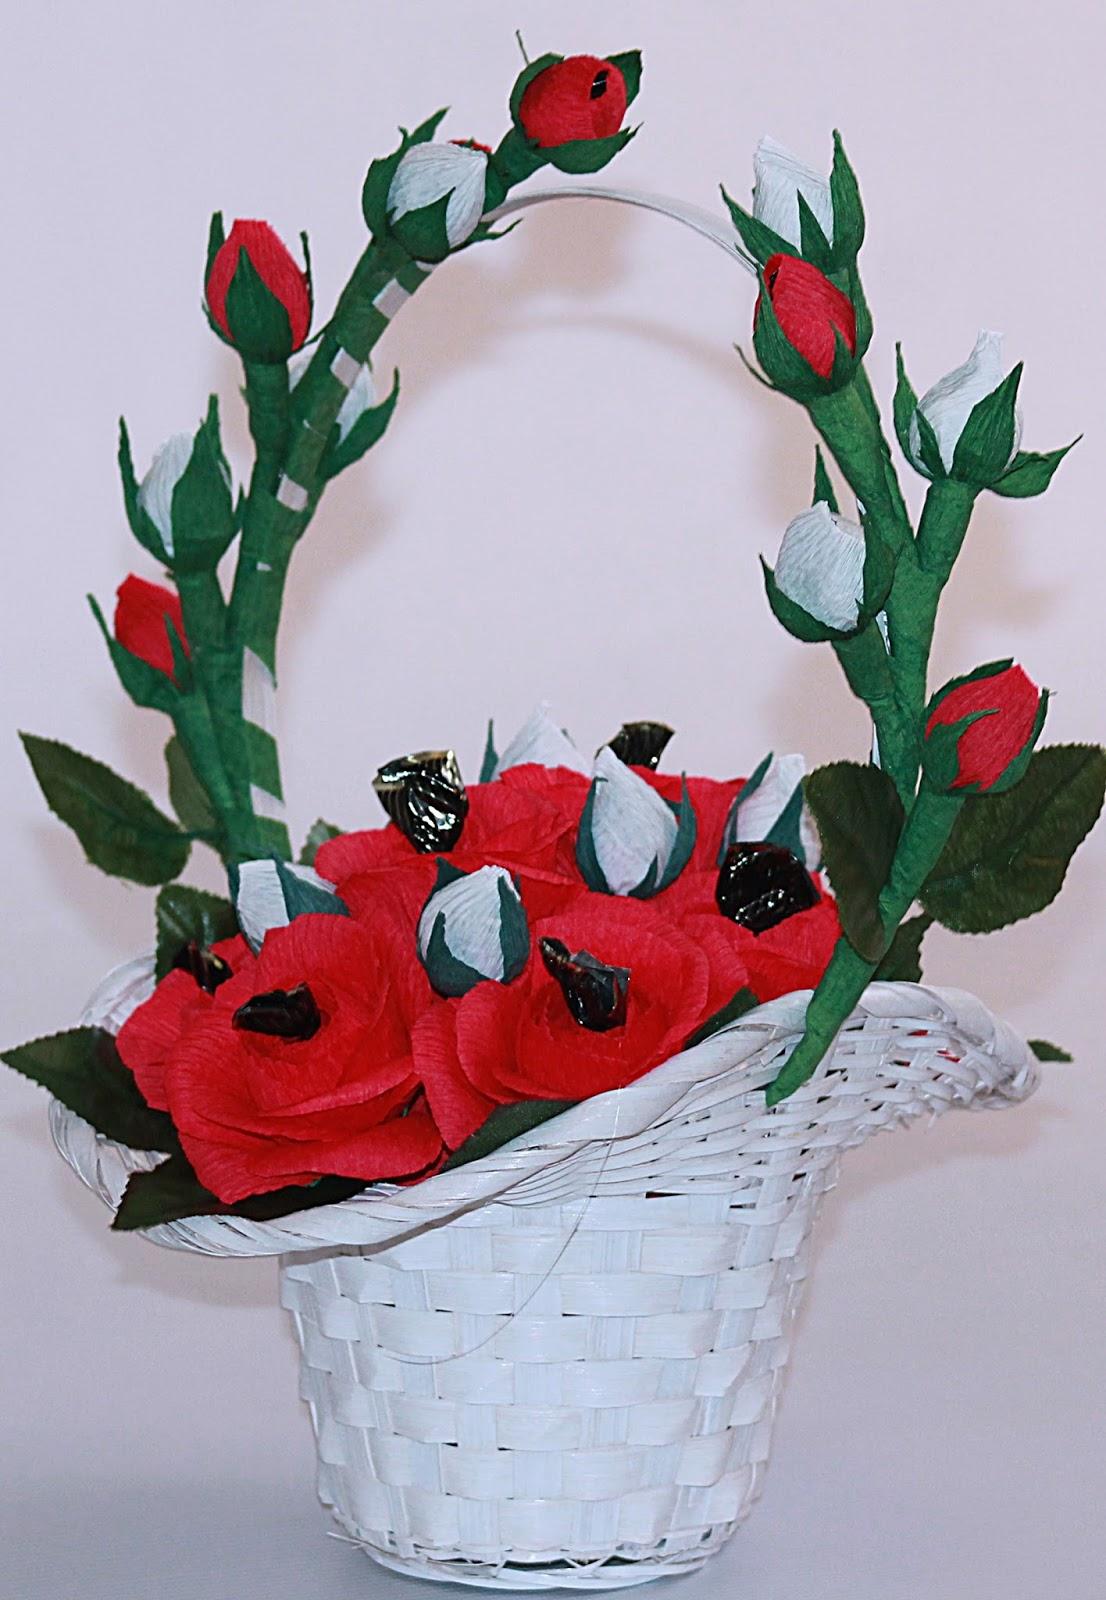 Фото цветов из гофрированной бумаги в корзине